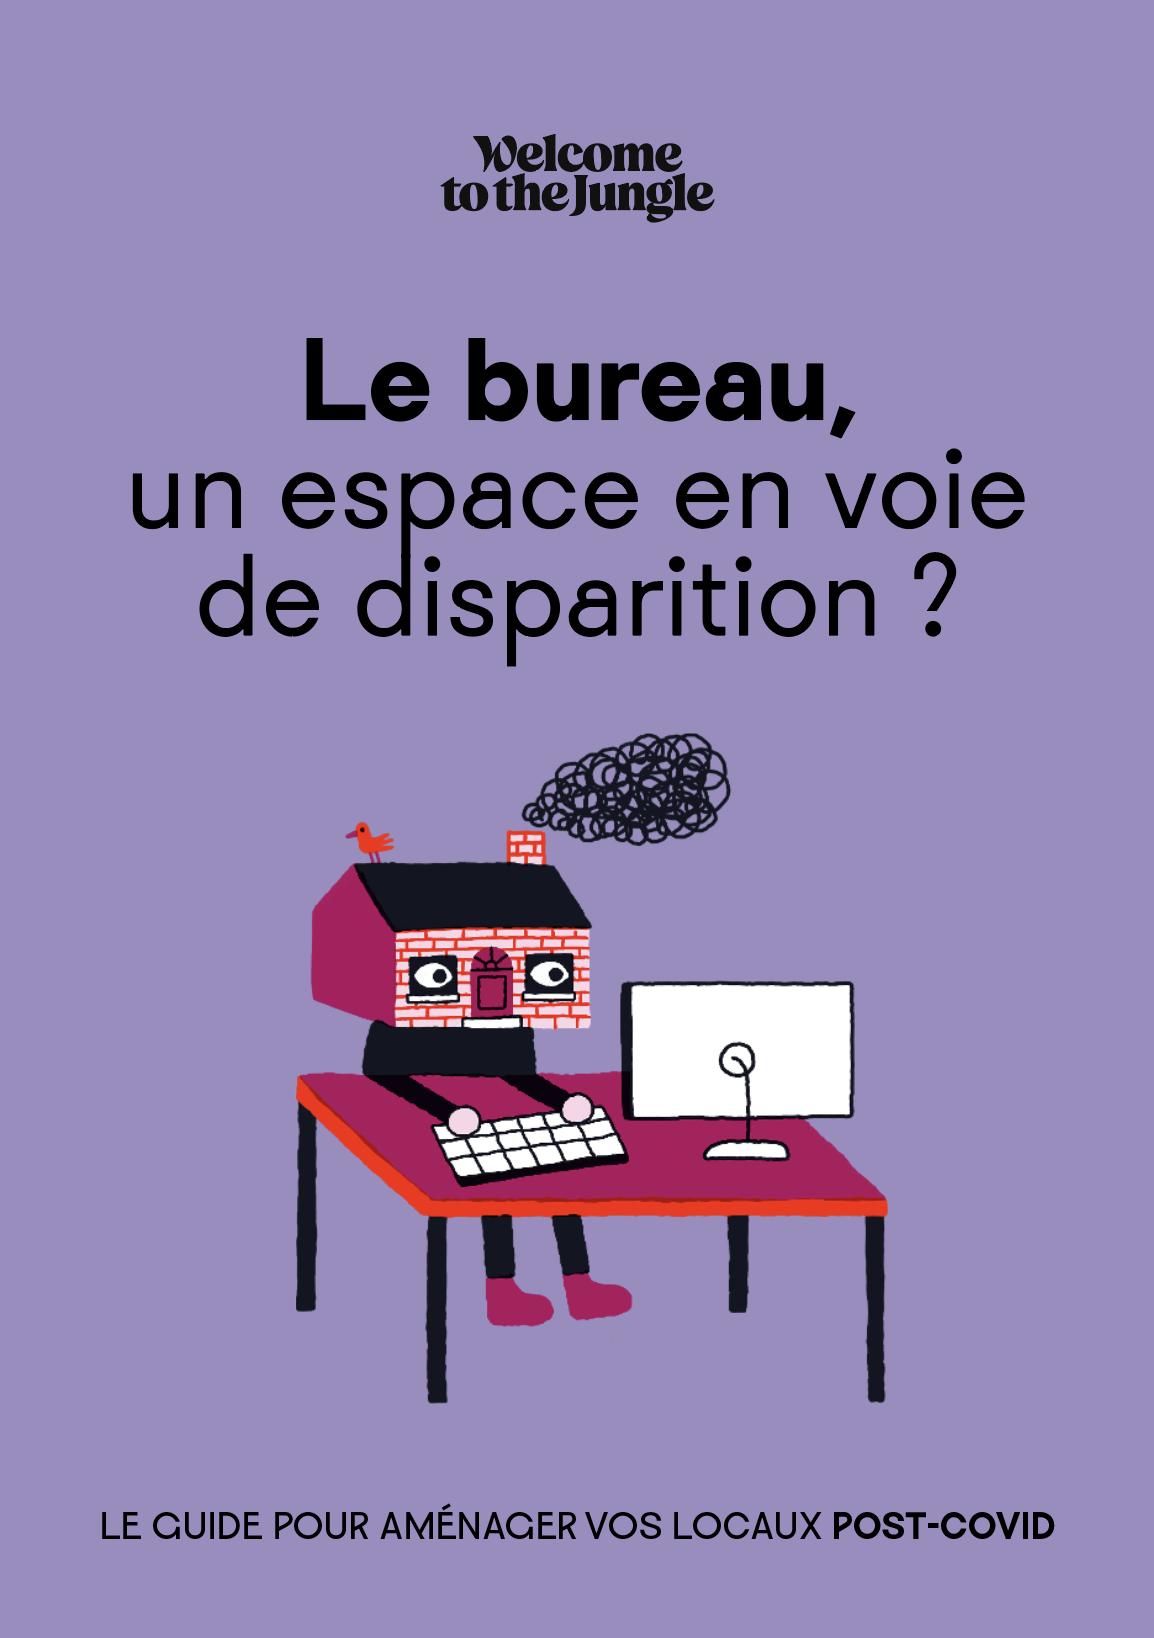 Le bureau, un espace en voie de disparition ?